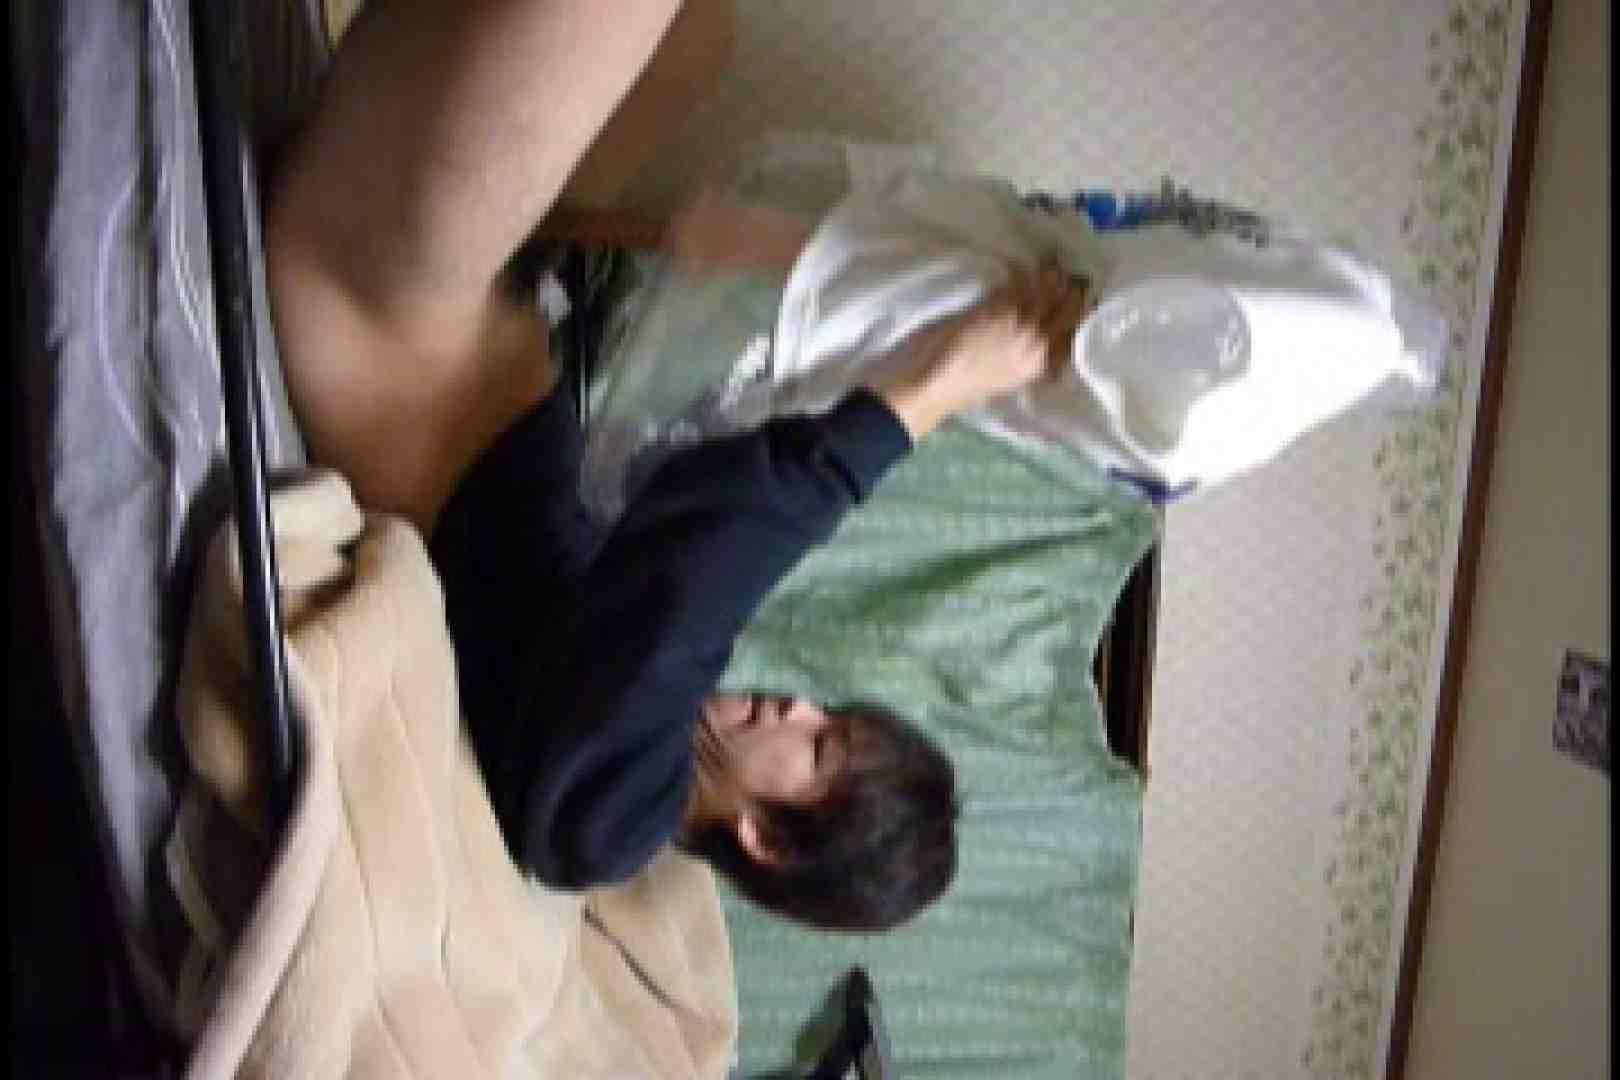 オナ好きノンケテニス部員の自画撮り投稿vol.08 オナニー  58pic 10